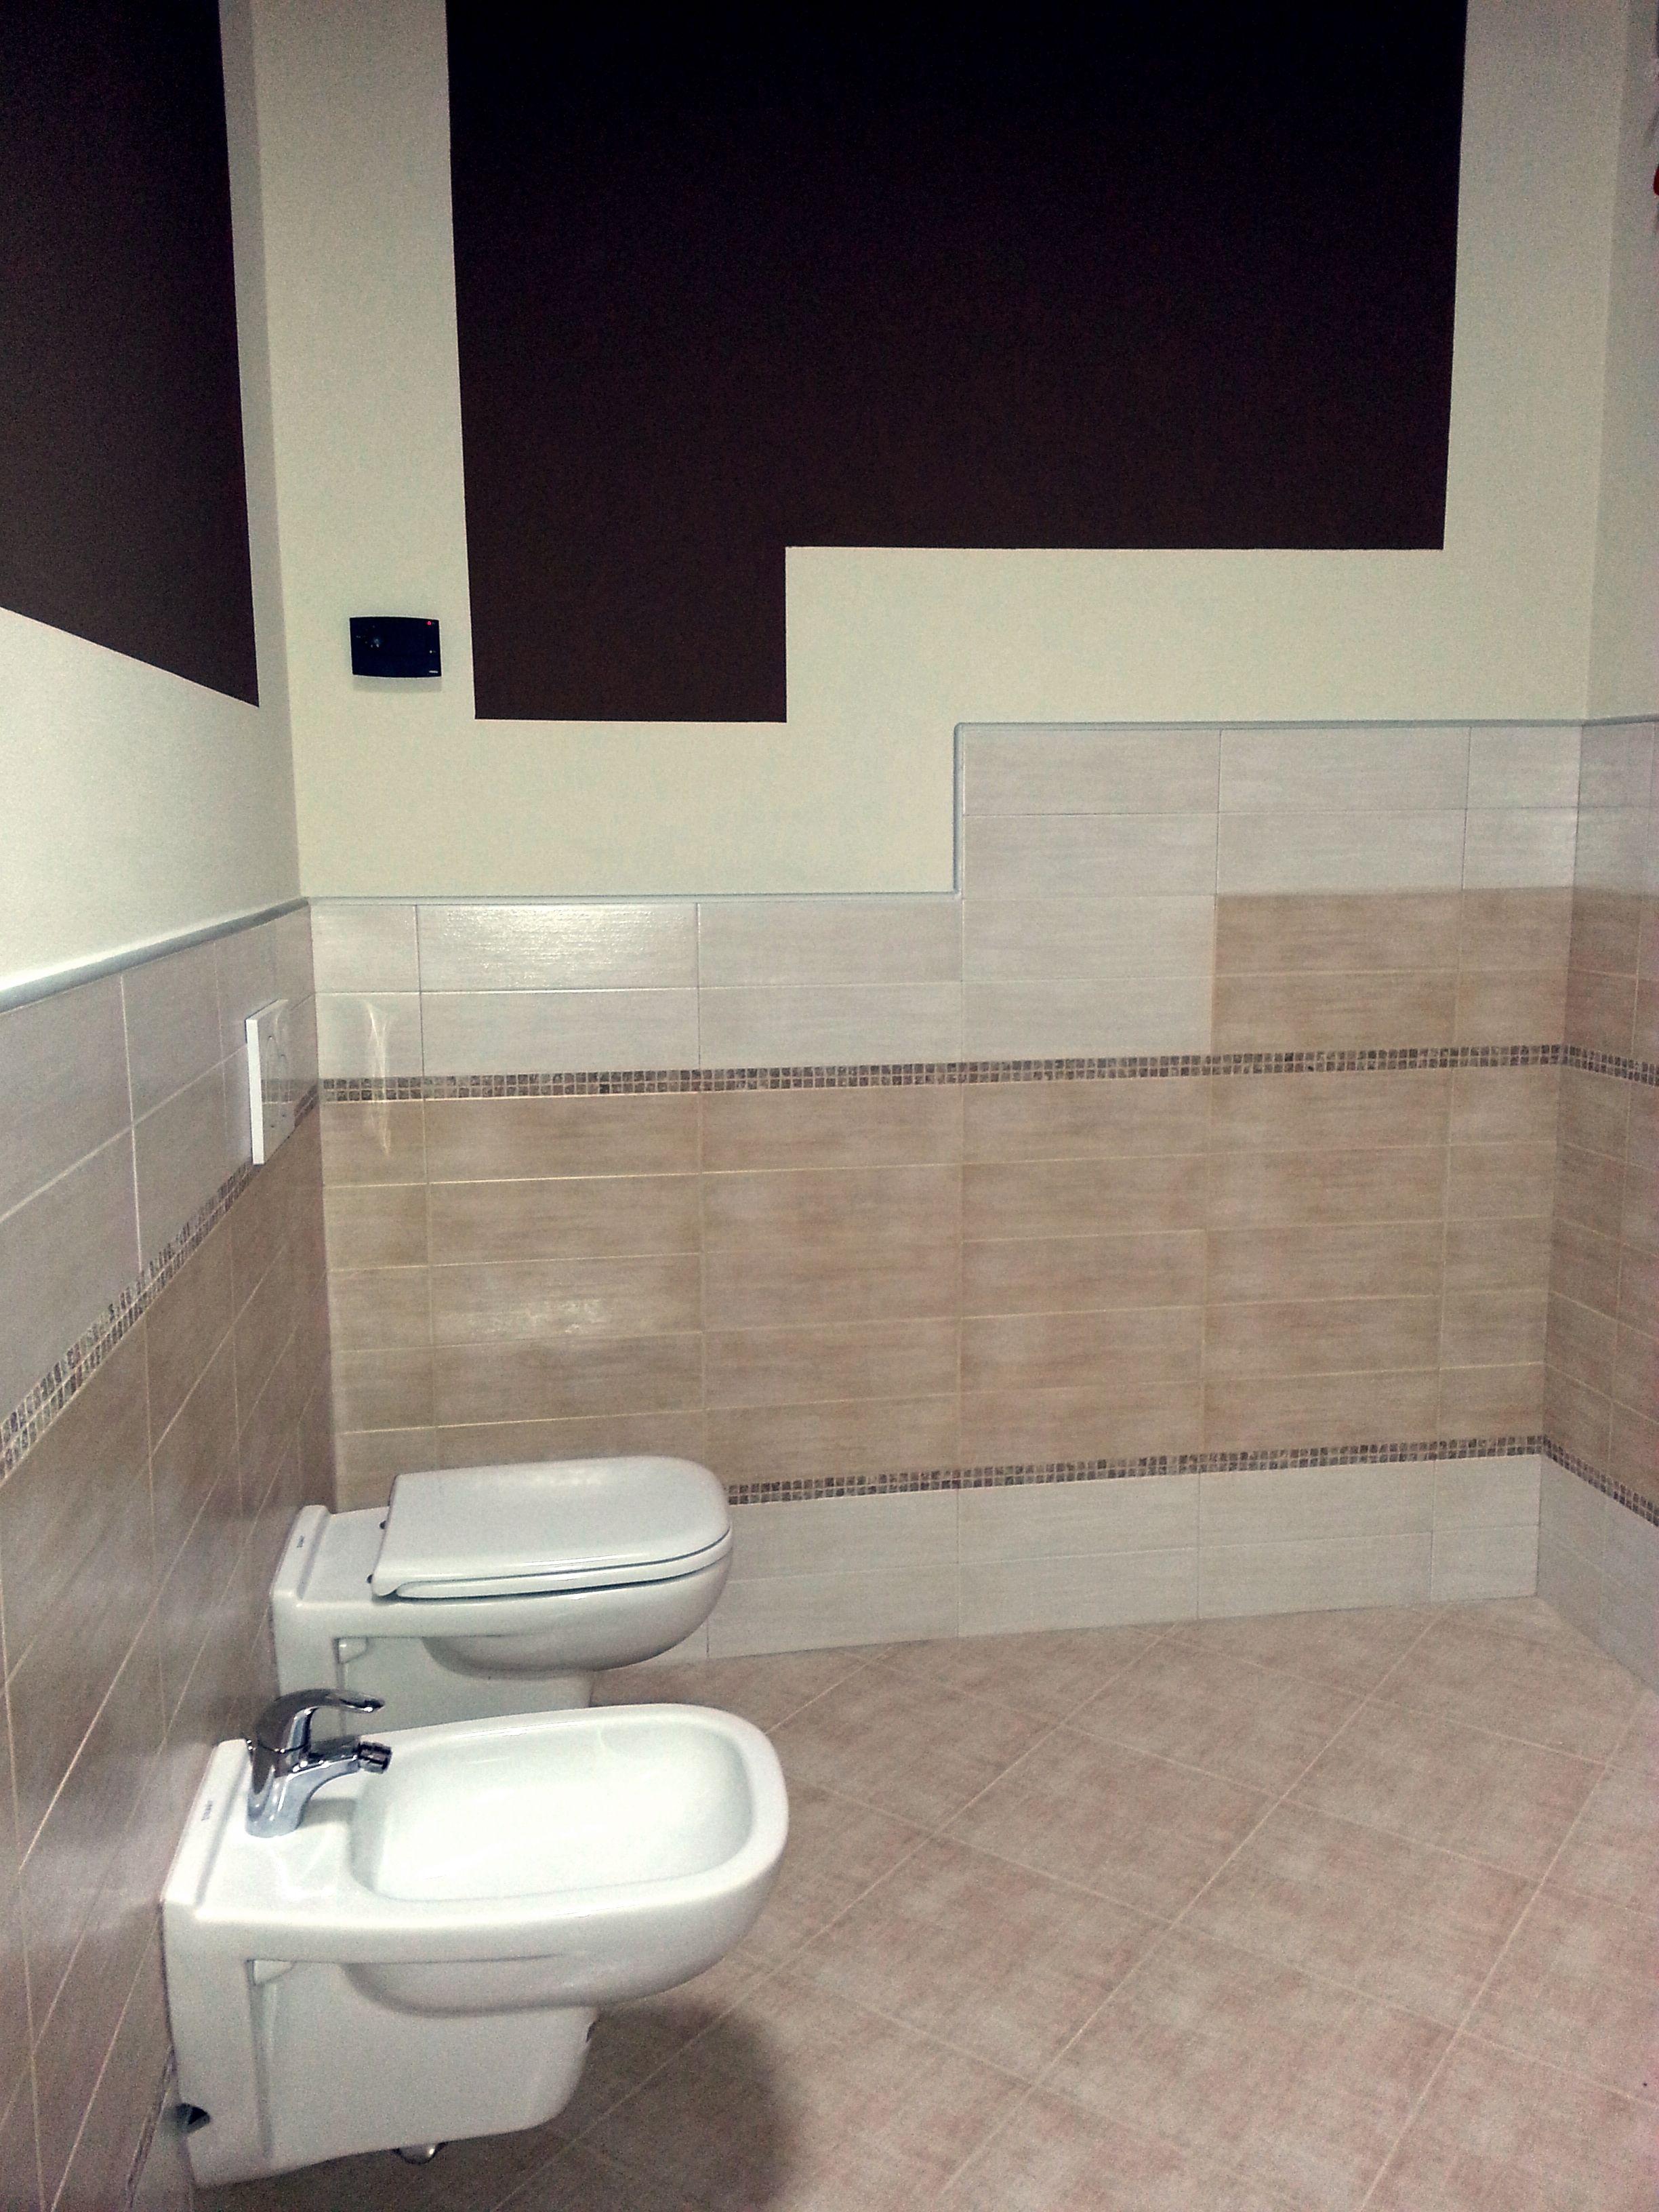 Rivestimento bagno con lingotti e mosaico in marmo - Rivestimento mosaico bagno ...